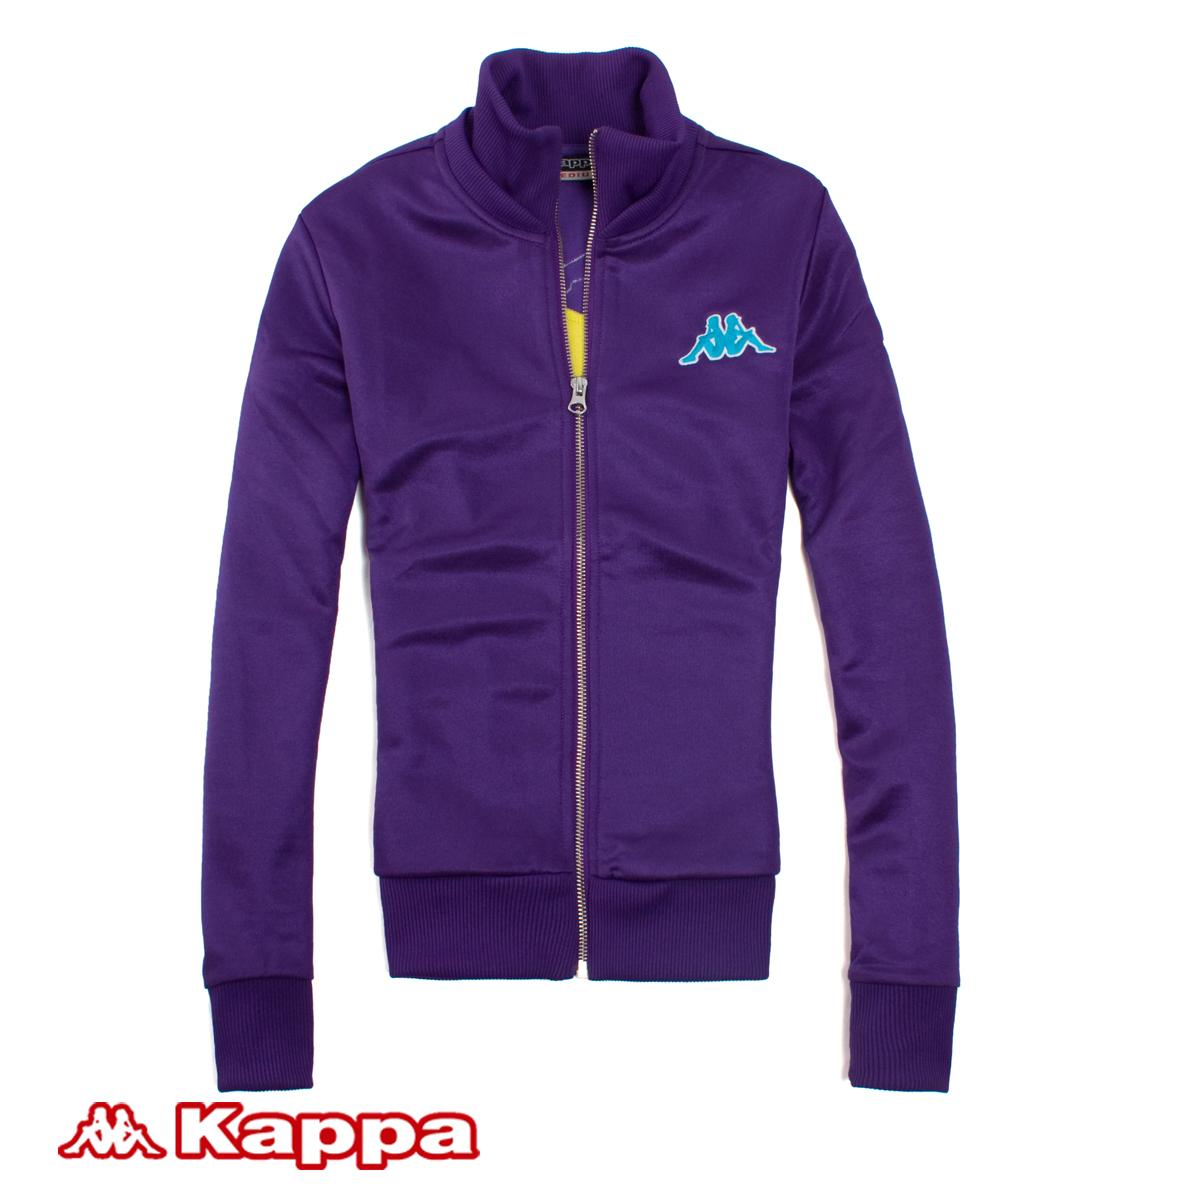 Спортивная толстовка Kappa k2093wk076/465 .... K2093WK076